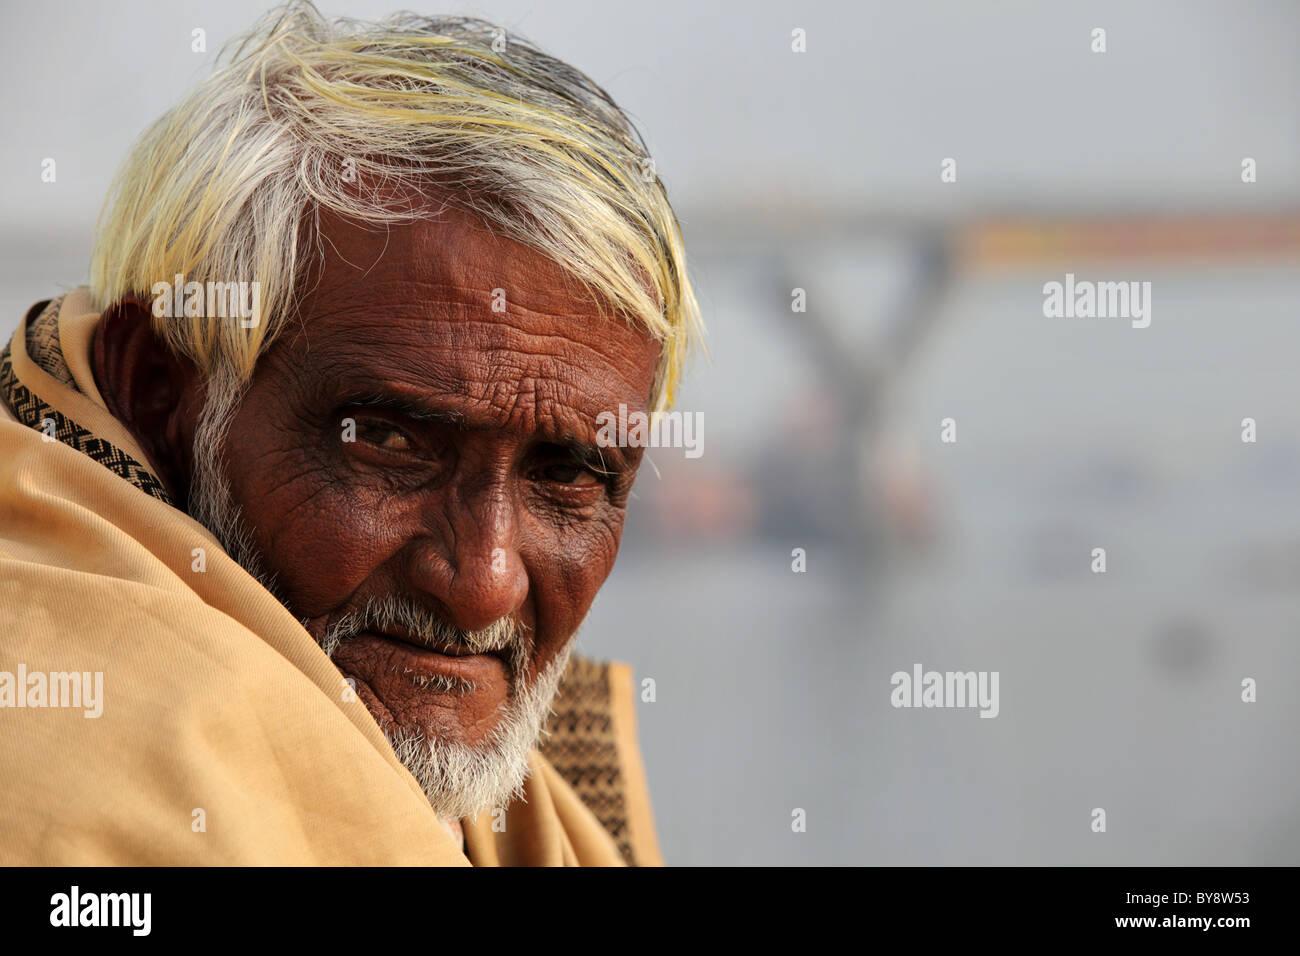 old man in Bangladesh - Stock Image